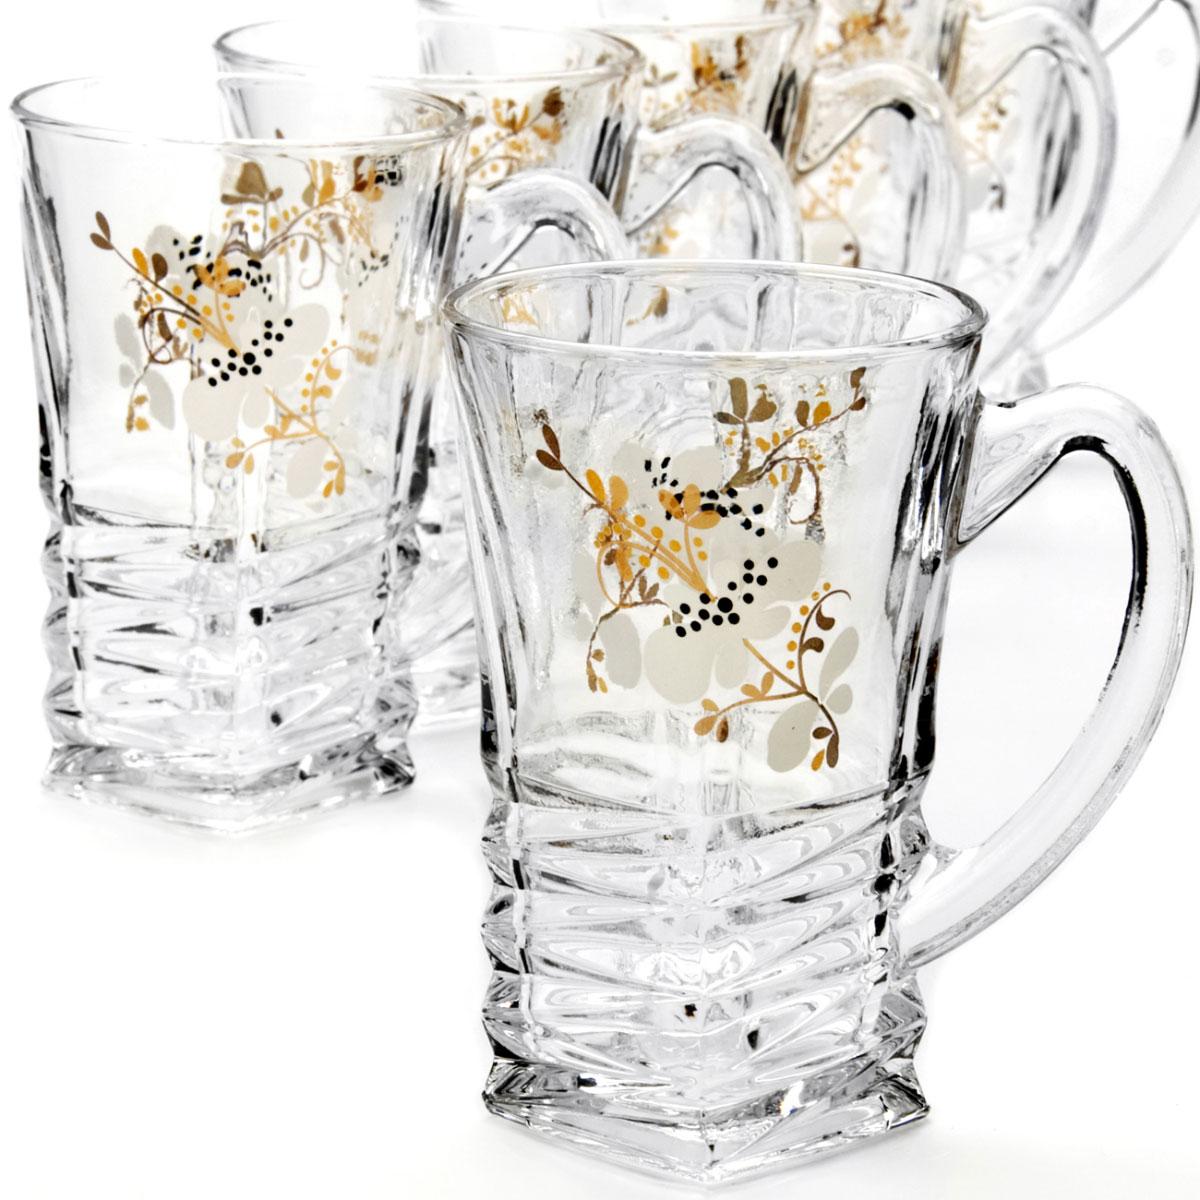 Набор кружек Loraine, 155 мл, 6 шт. 24083115510Набор Loraine состоит из 6 кружек, выполненных из высококачественного стекла. Изделия декорированы изысканным рельефом и рисунком. Благодаря такому набору пить напитки будет еще вкуснее. Набор кружек Loraine станет также отличным подарком на любой праздник. Подходит для горячих и холодных напитков. Не рекомендуется мыть в посудомоечной машине. Диаметр стакана (по верхнему краю): 6 см. Высота стакана: 10 см.